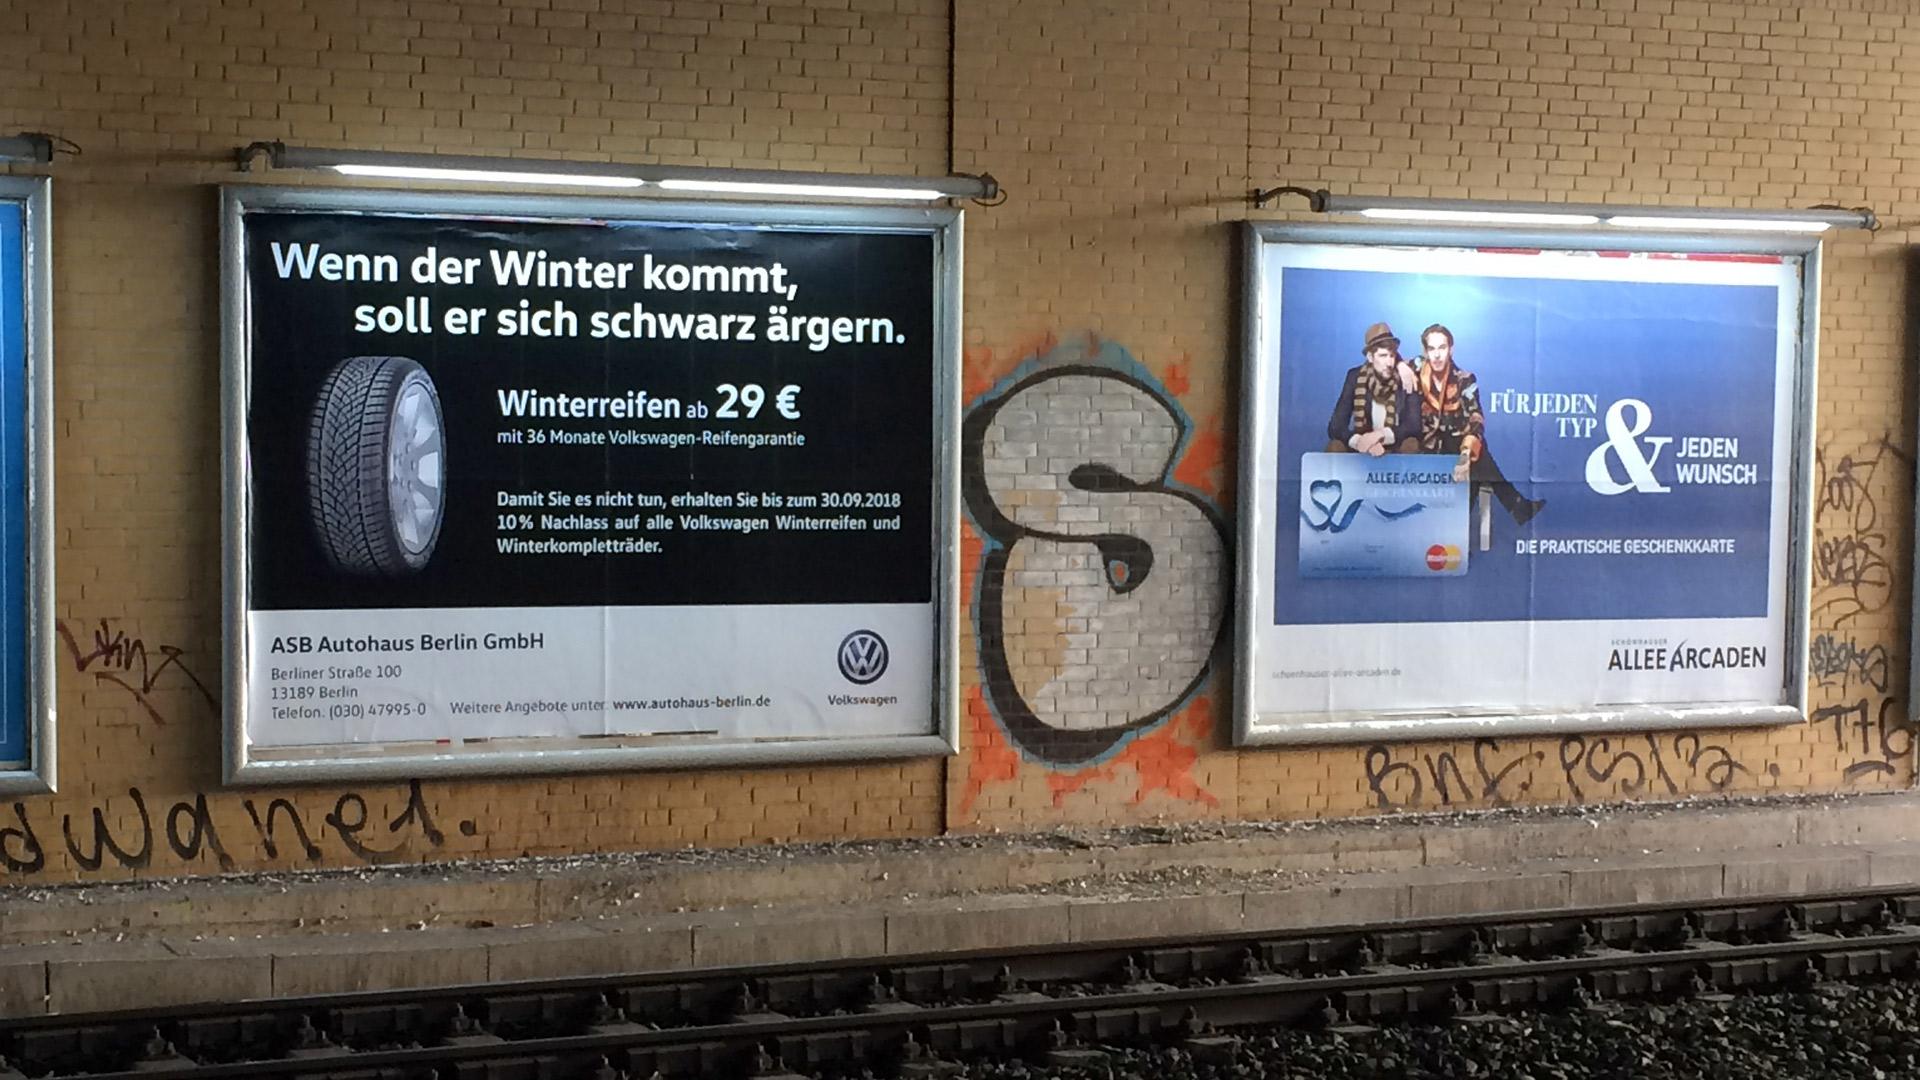 Auto-Tierparkbonus-Matti-Michalke-Berlin-Brandenburg-Aussenwerbung-Innenwerbung-Banner-Planen-Folien-Werbemittel-Druck-Print